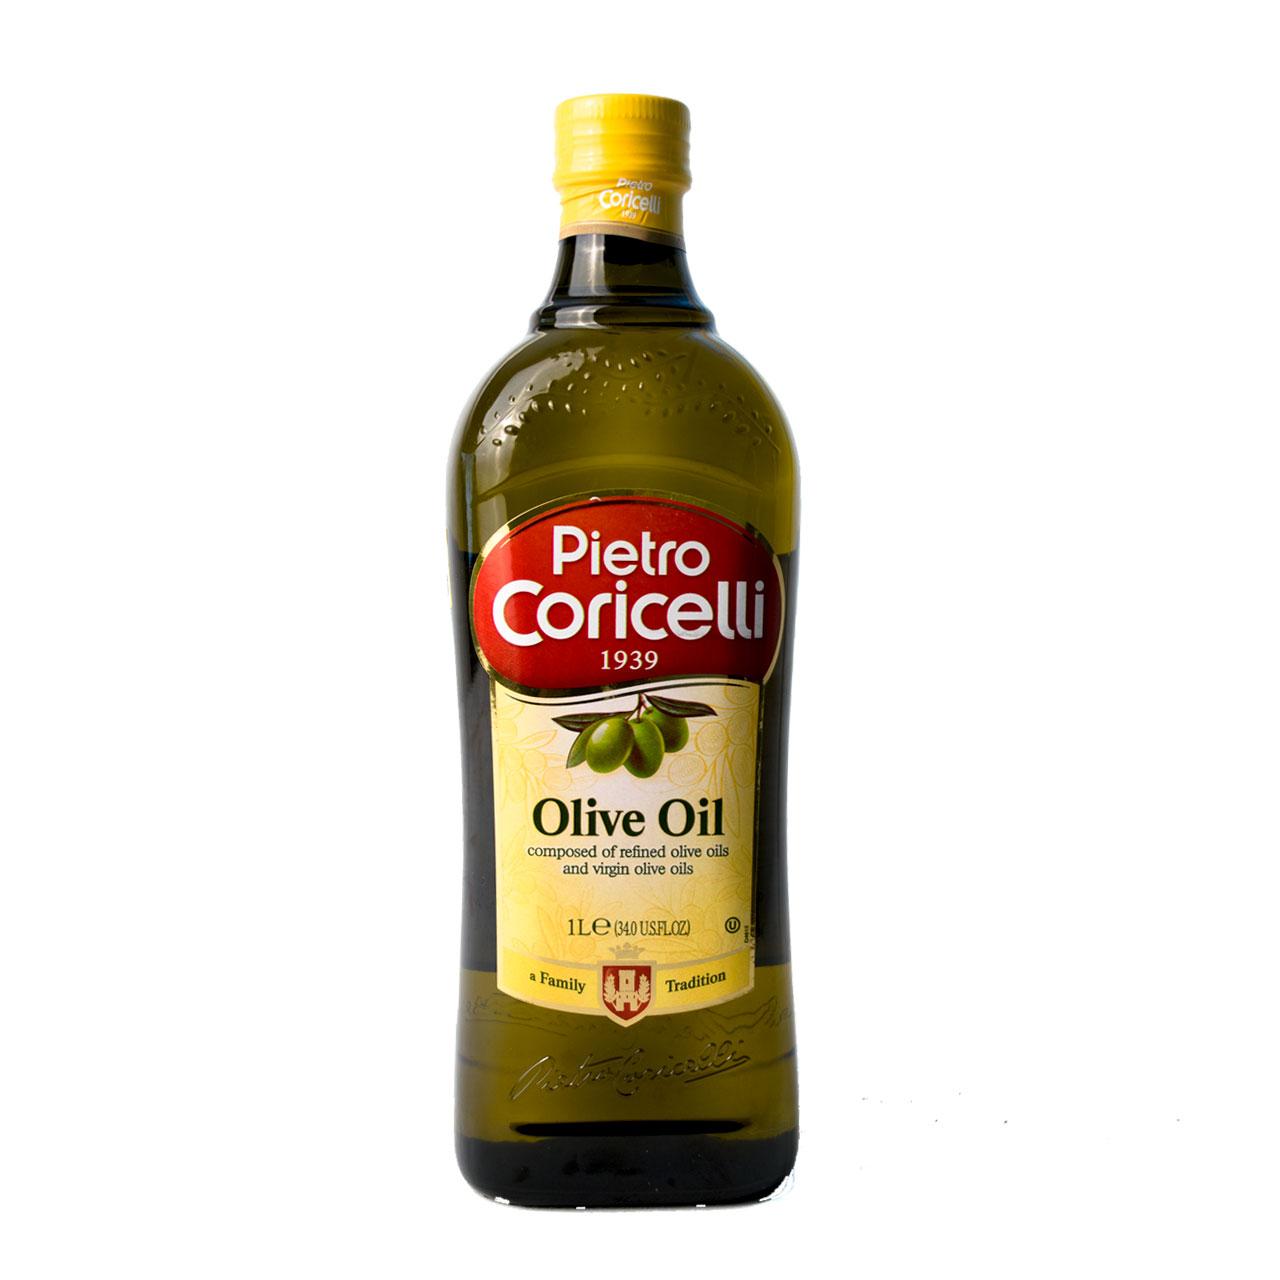 روغن زیتون بی بو یک لیتر کوریچلی – coricelli